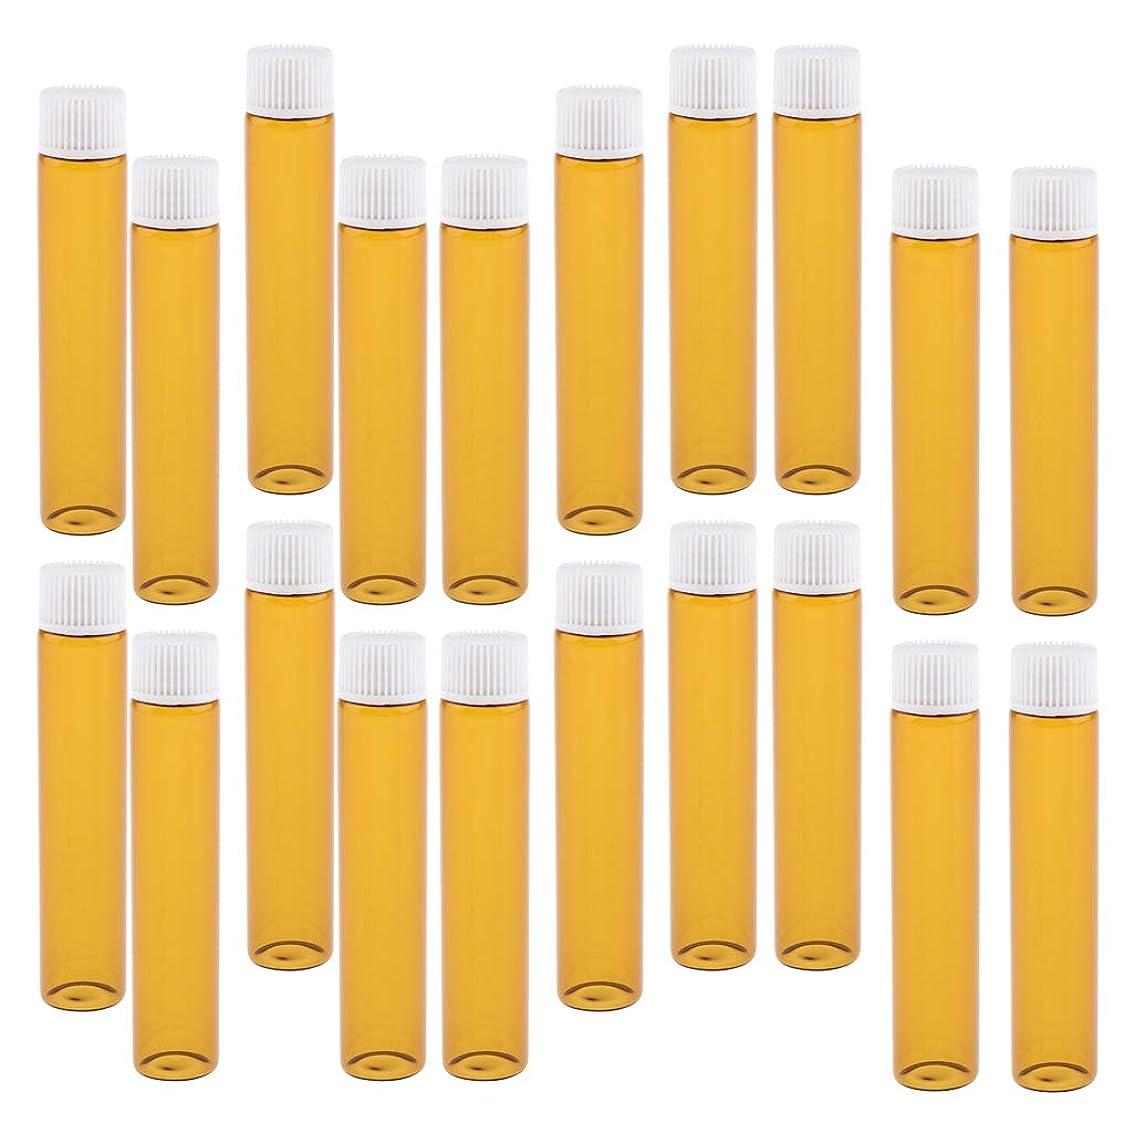 合併誤って仮説Perfeclan 20個 詰替え容器 香水ボトル ガラスボトル 小分け容器 小分けボトル 全4色 - ホワイト